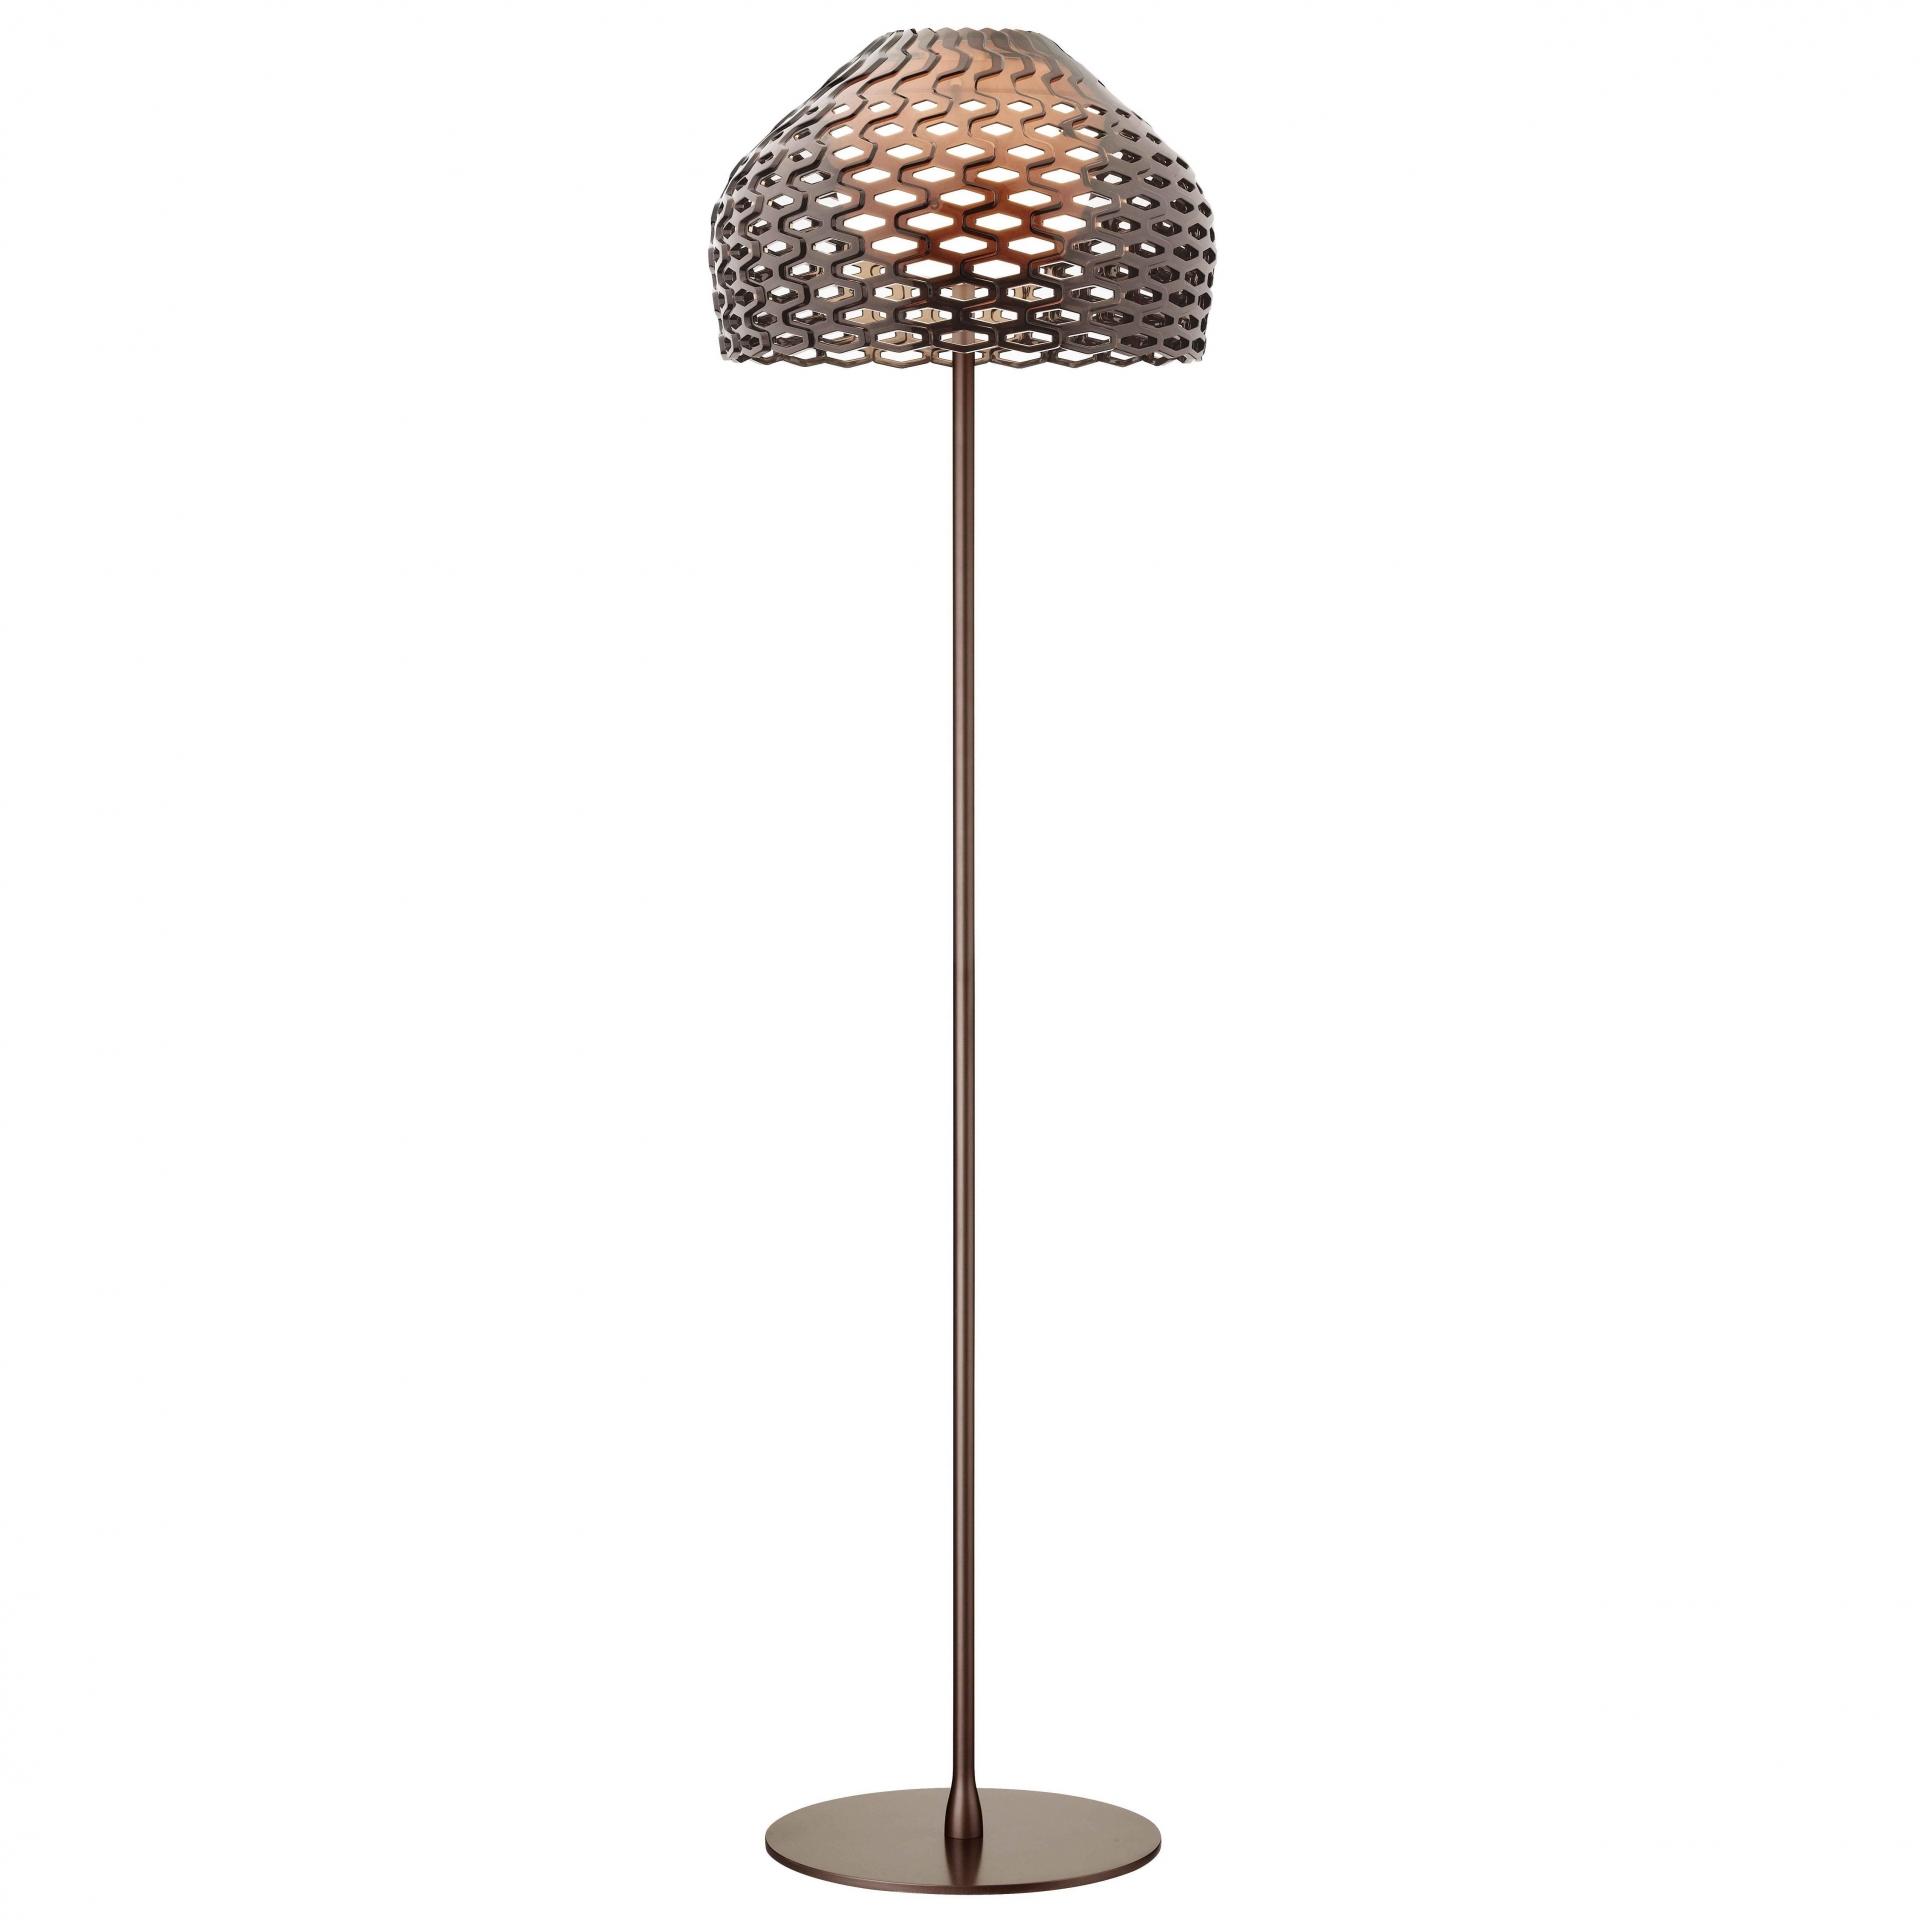 Flos designové stojací lampy Tatou F